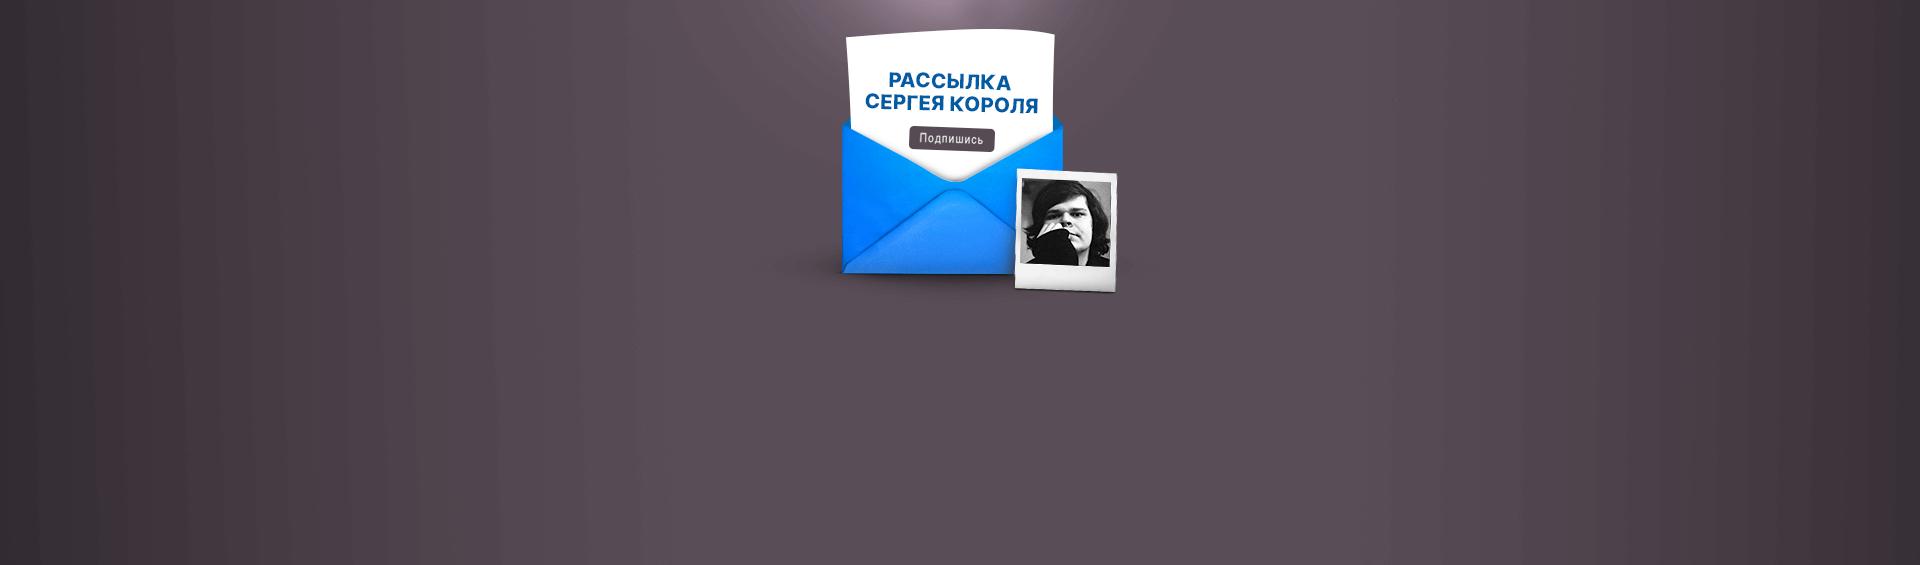 Сергей Король: как Patreon-рассылка о личном приносит $360 в месяц